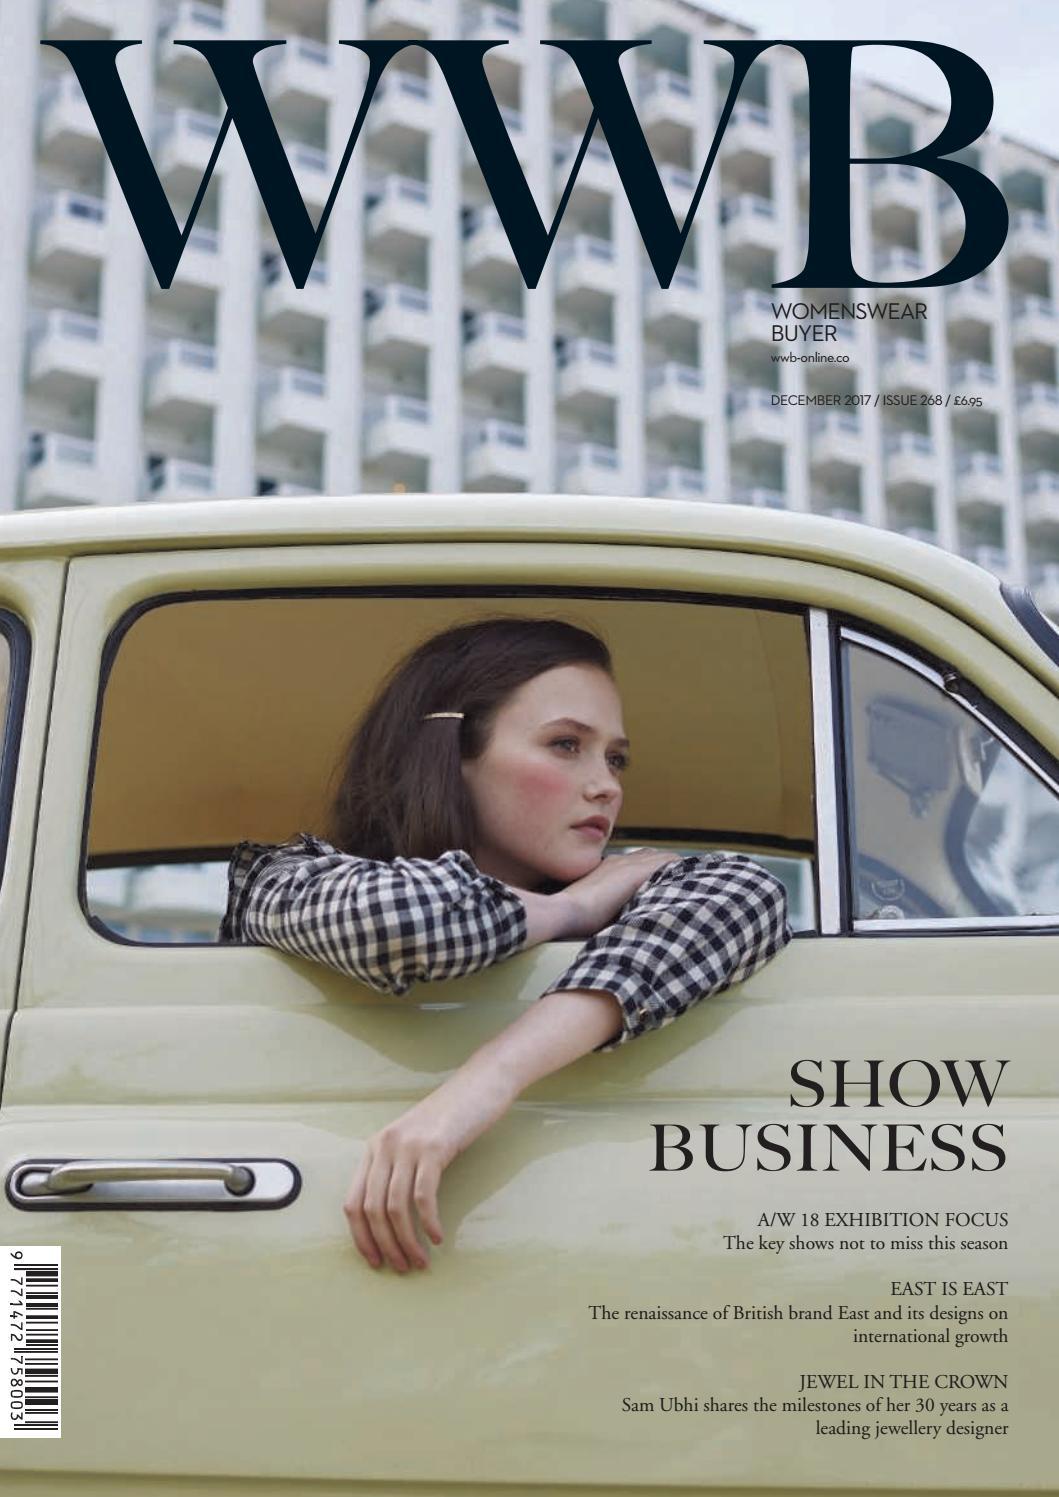 891fa5e8fbf WWB MAGAZINE DECEMBER 2017 ISSUE 268 by fashion buyers Ltd - issuu